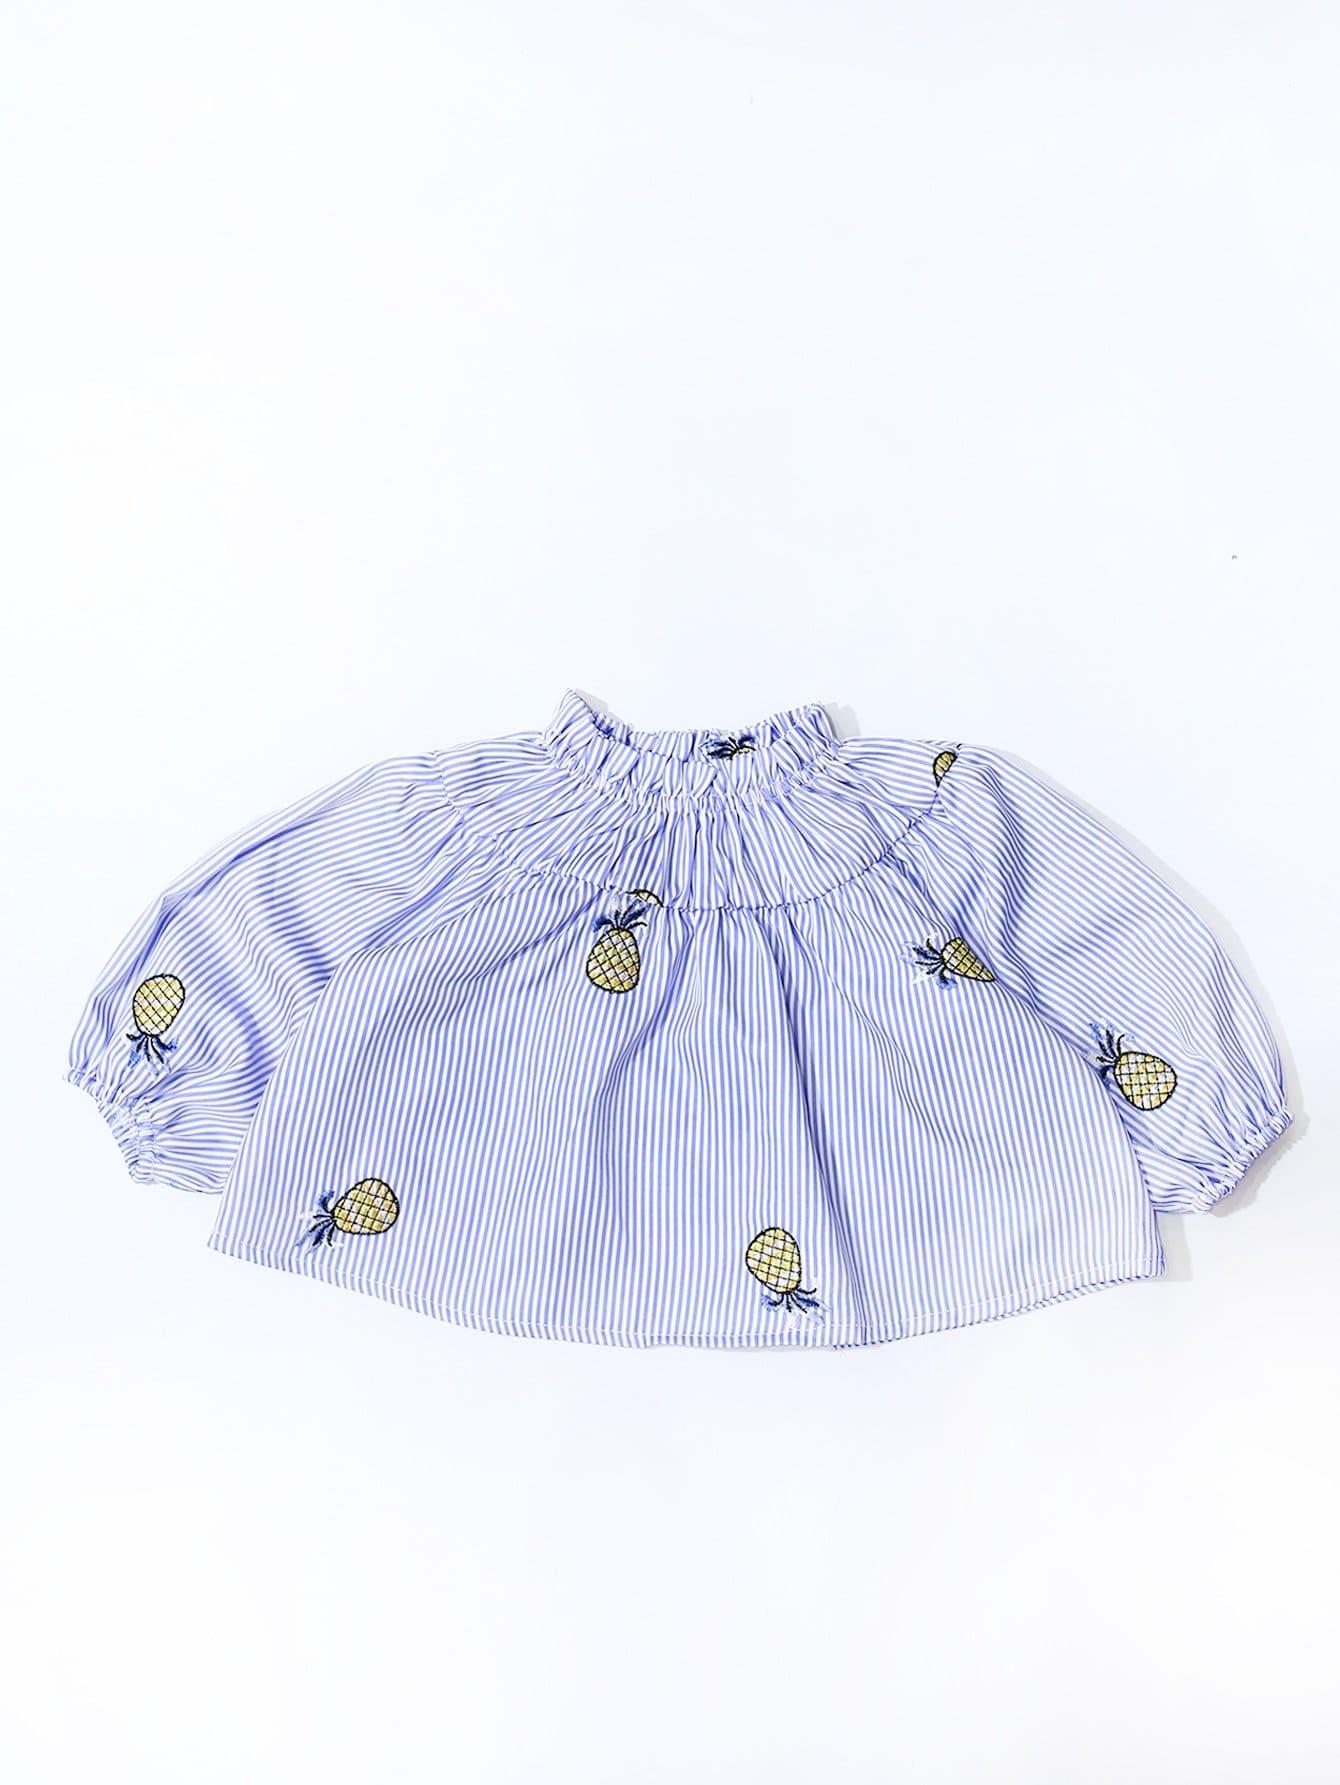 Mädchen Bluse mit Ananas Stickereien und Streifen